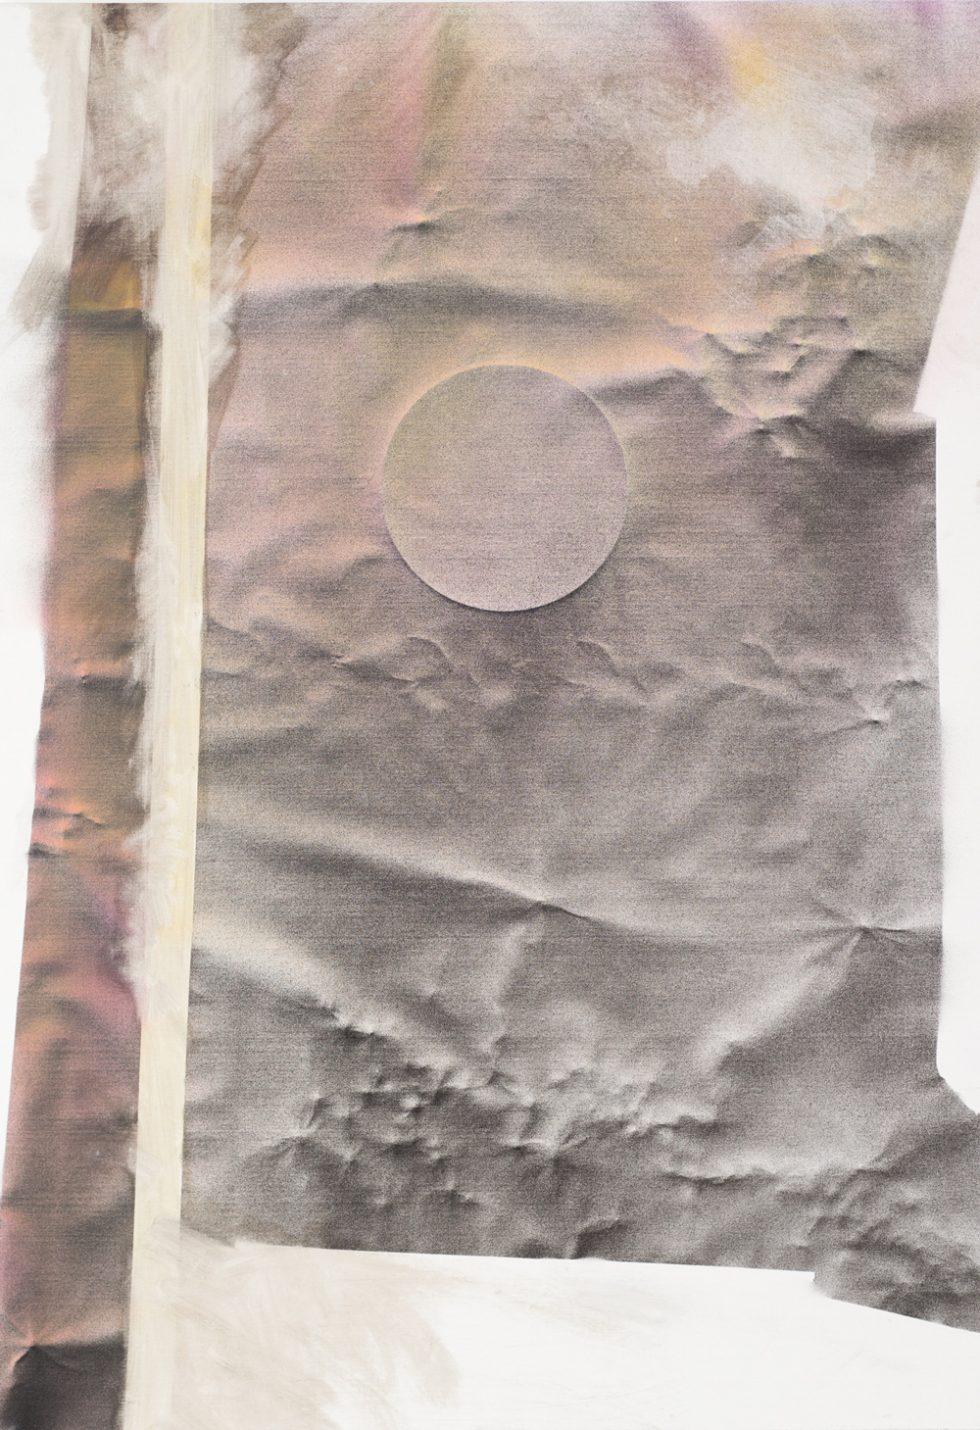 177410-Acrylic-on-canvas-150x105-cm-2017